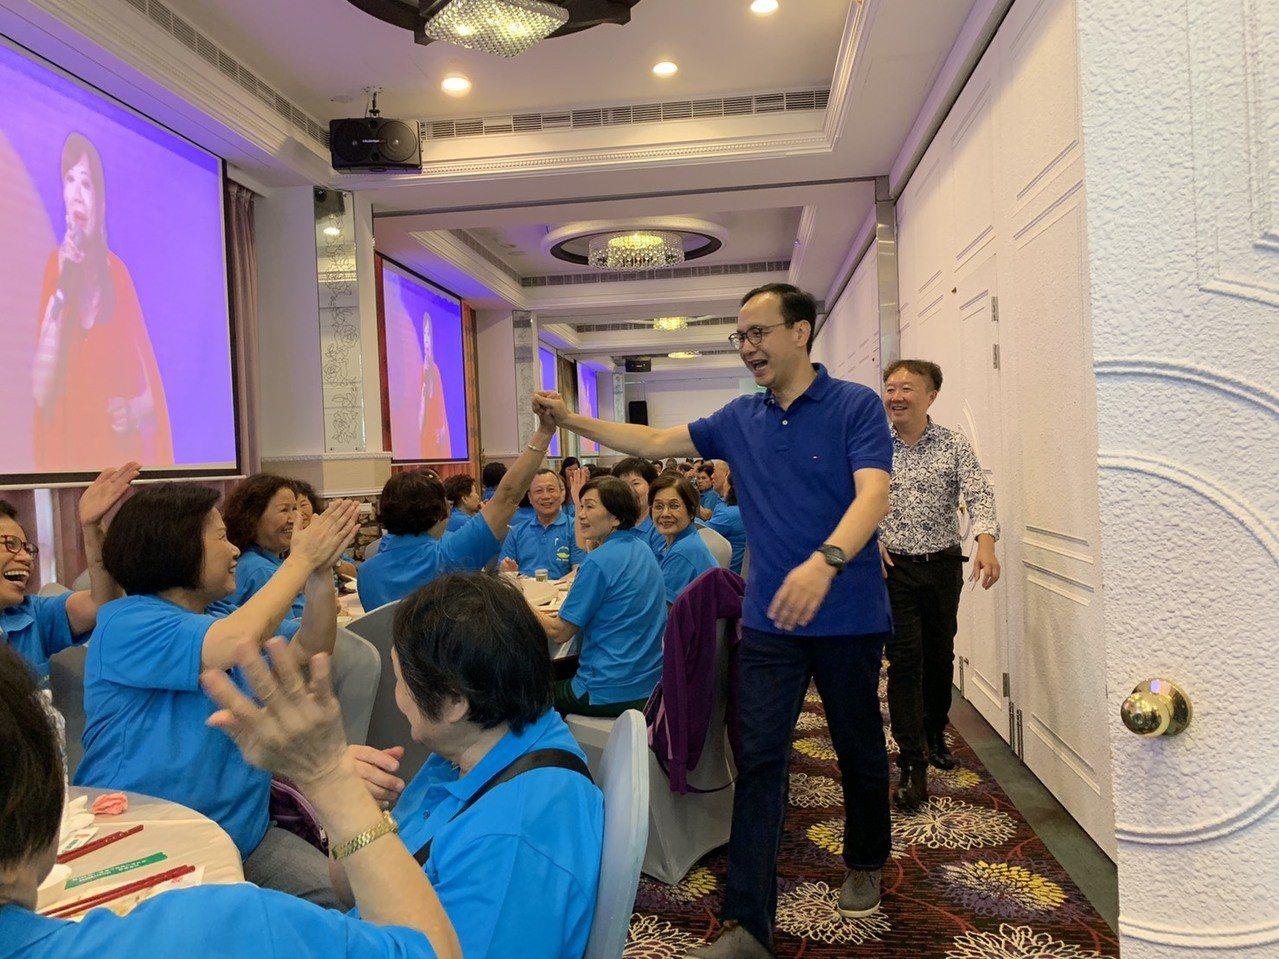 朱立倫出席宜蘭同鄉會會員大會,抵達會場受到婆婆媽媽的歡迎。記者張曼蘋/攝影